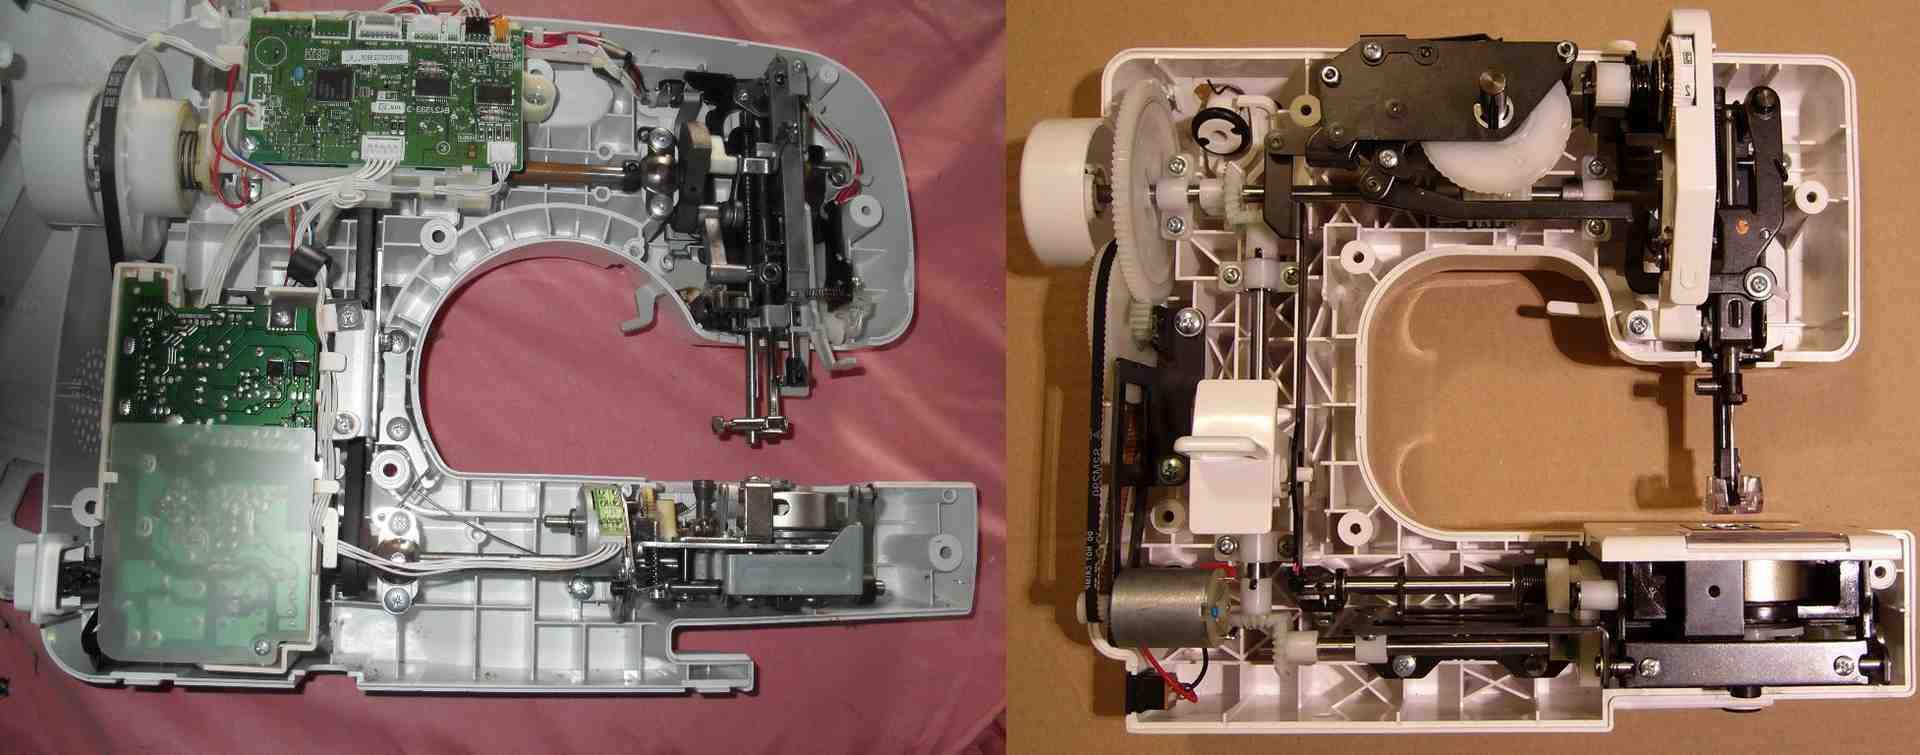 Qu'est-ce qu'une machine à coudre mécanique?